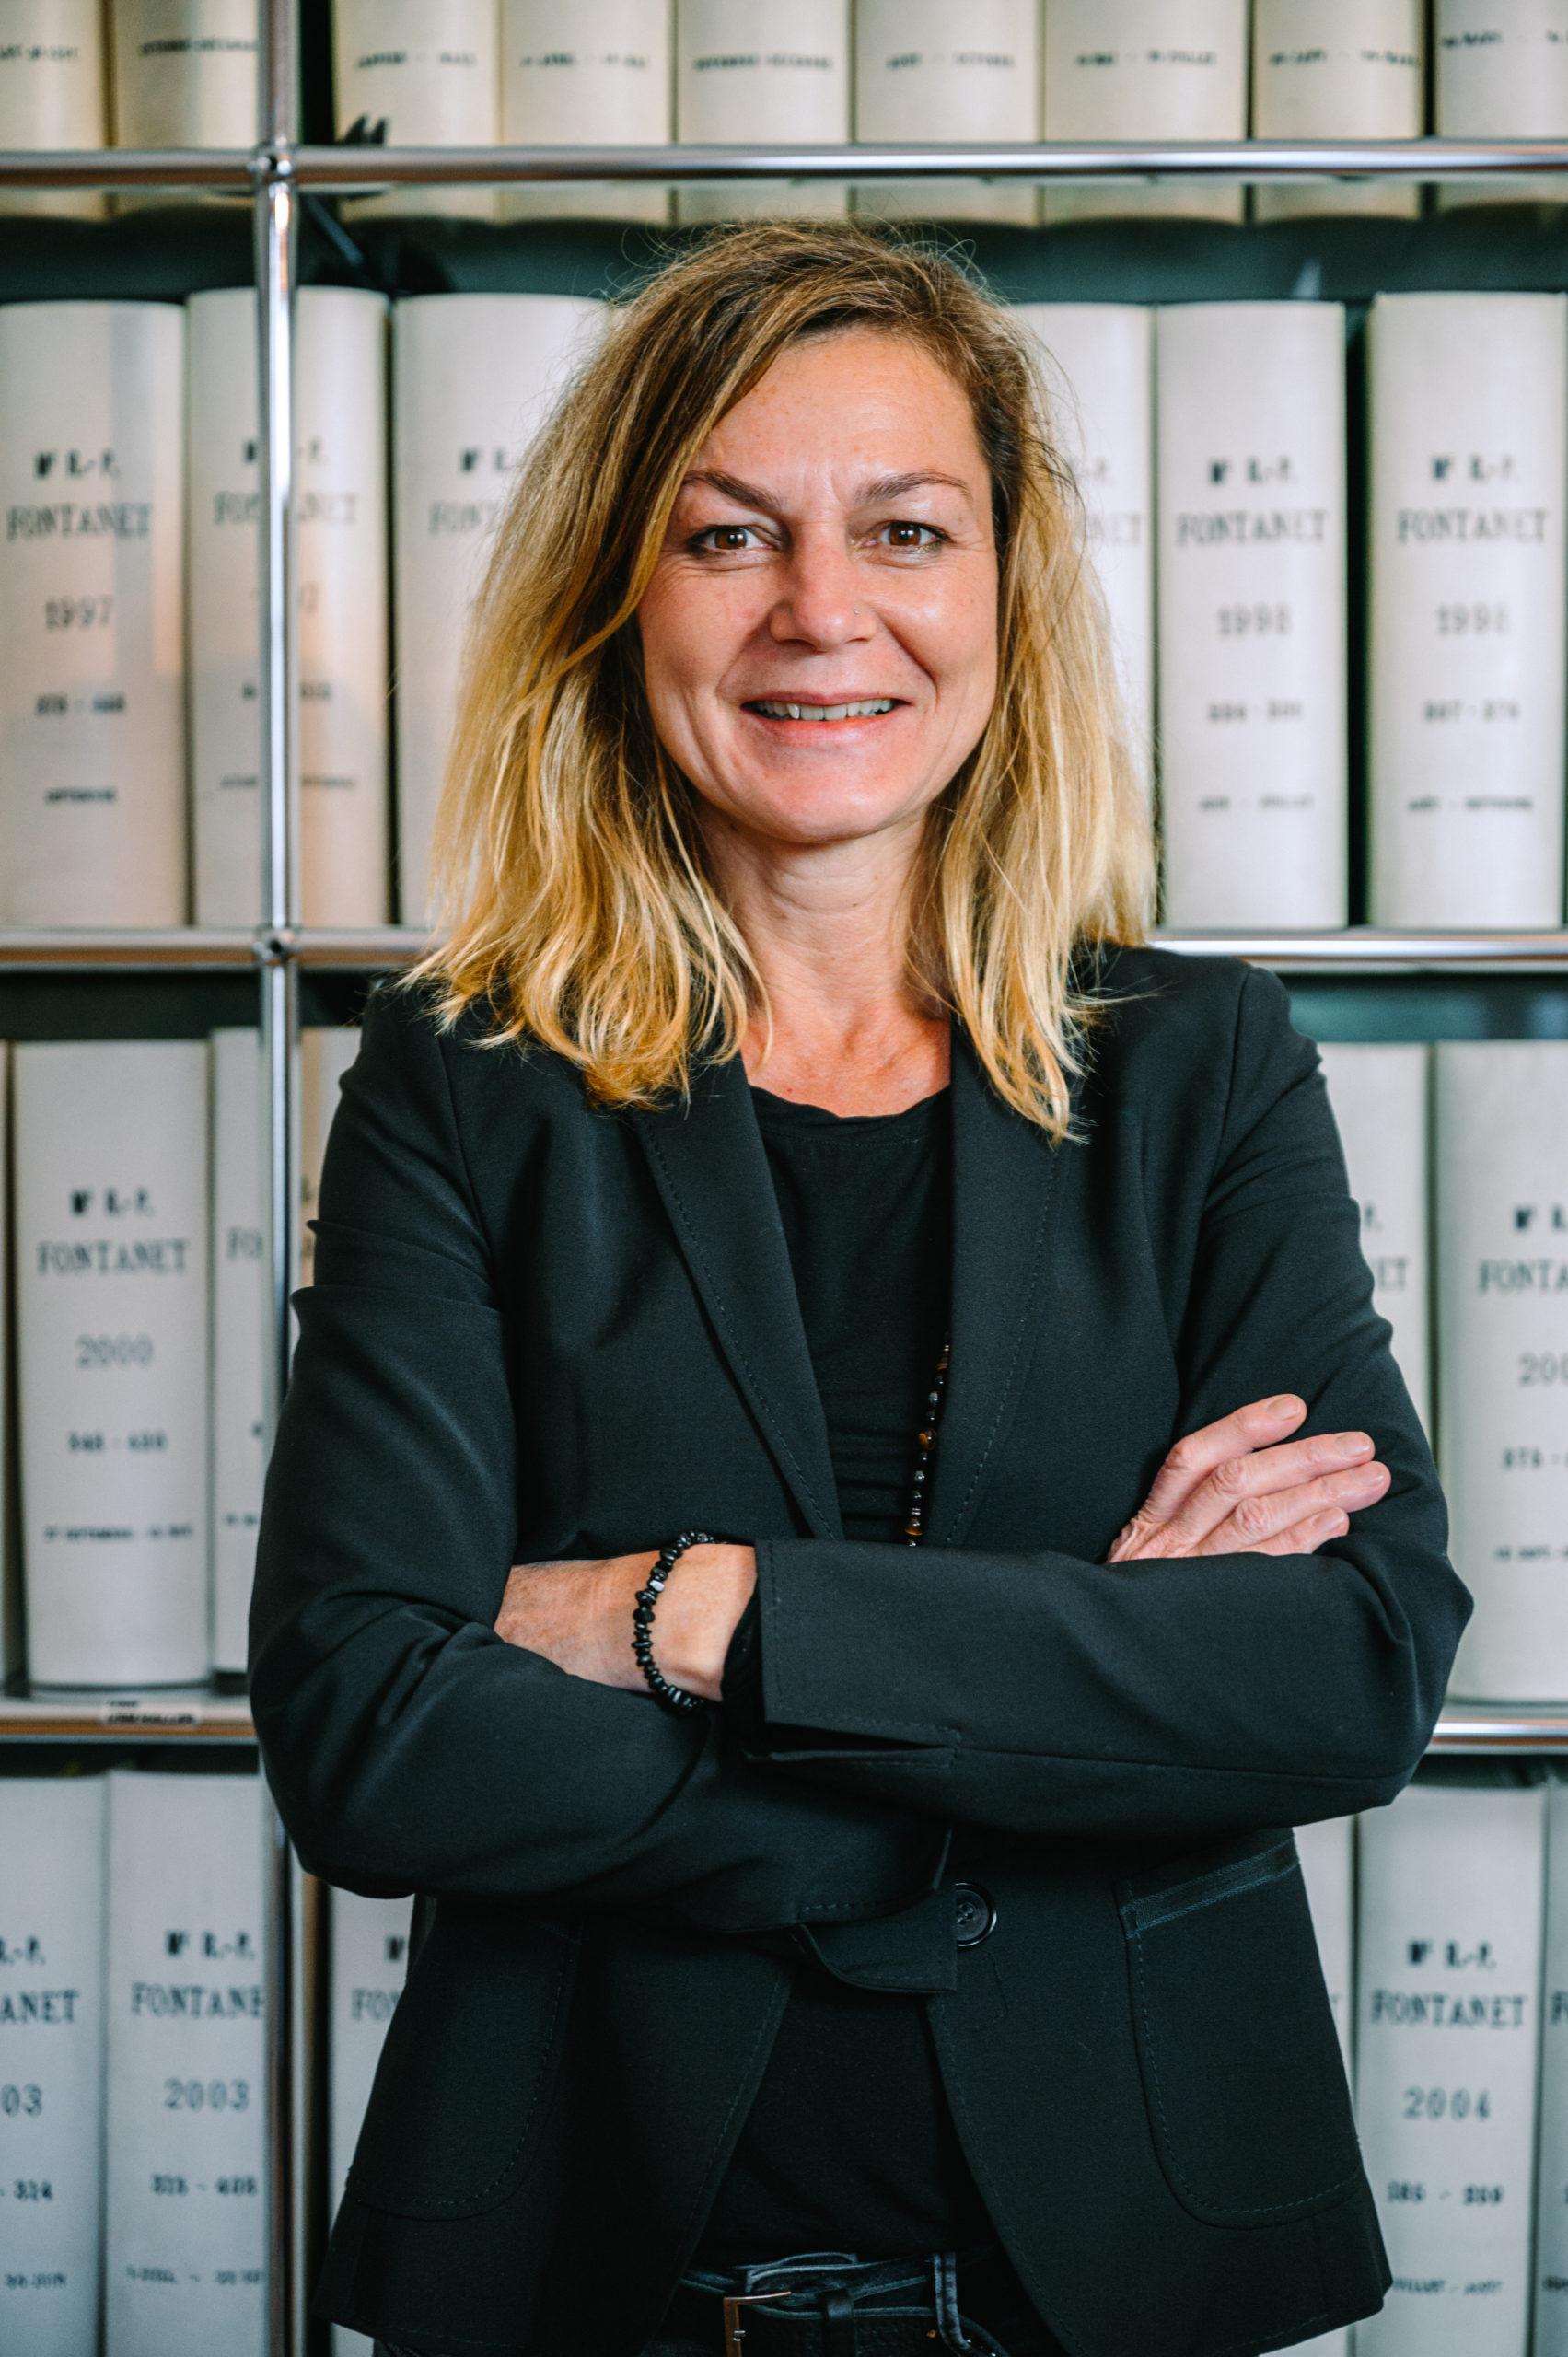 Claire-Lise Jaquemet